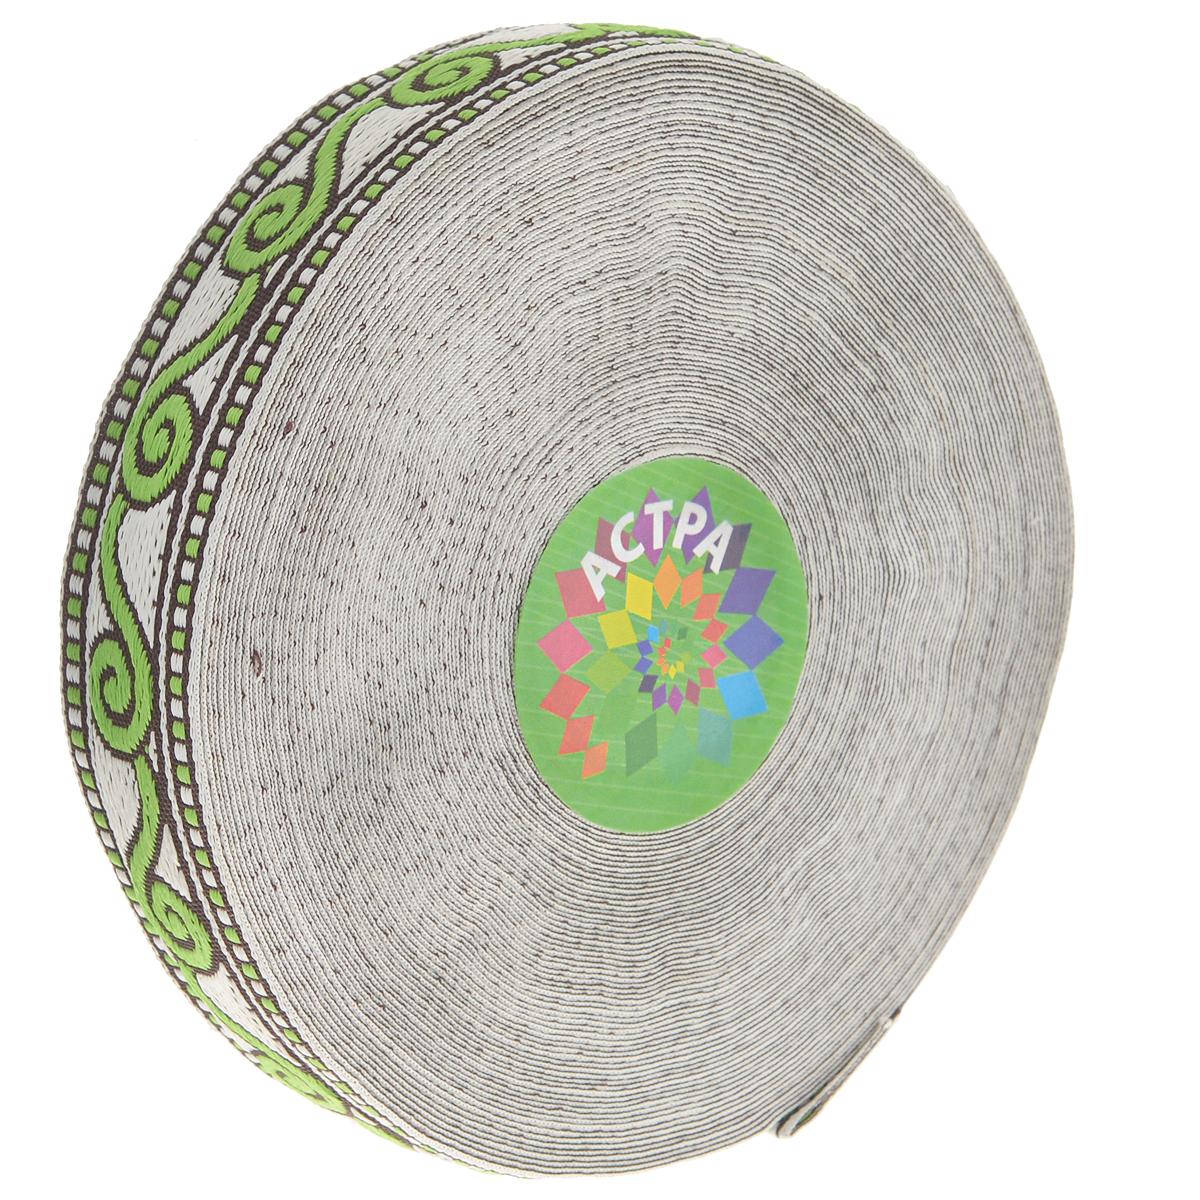 Тесьма декоративная Астра, цвет: зеленый (2), ширина 2 см, длина 16,4 м. 77032717701656_34Декоративная тесьма Астра выполнена из текстиля и оформлена оригинальным орнаментом. Такая тесьма идеально подойдет для оформления различных творческих работ таких, как скрапбукинг, аппликация, декор коробок и открыток и многое другое. Тесьма наивысшего качества и практична в использовании. Она станет незаменимом элементов в создании рукотворного шедевра. Ширина: 2 см.Длина: 16,4 м.